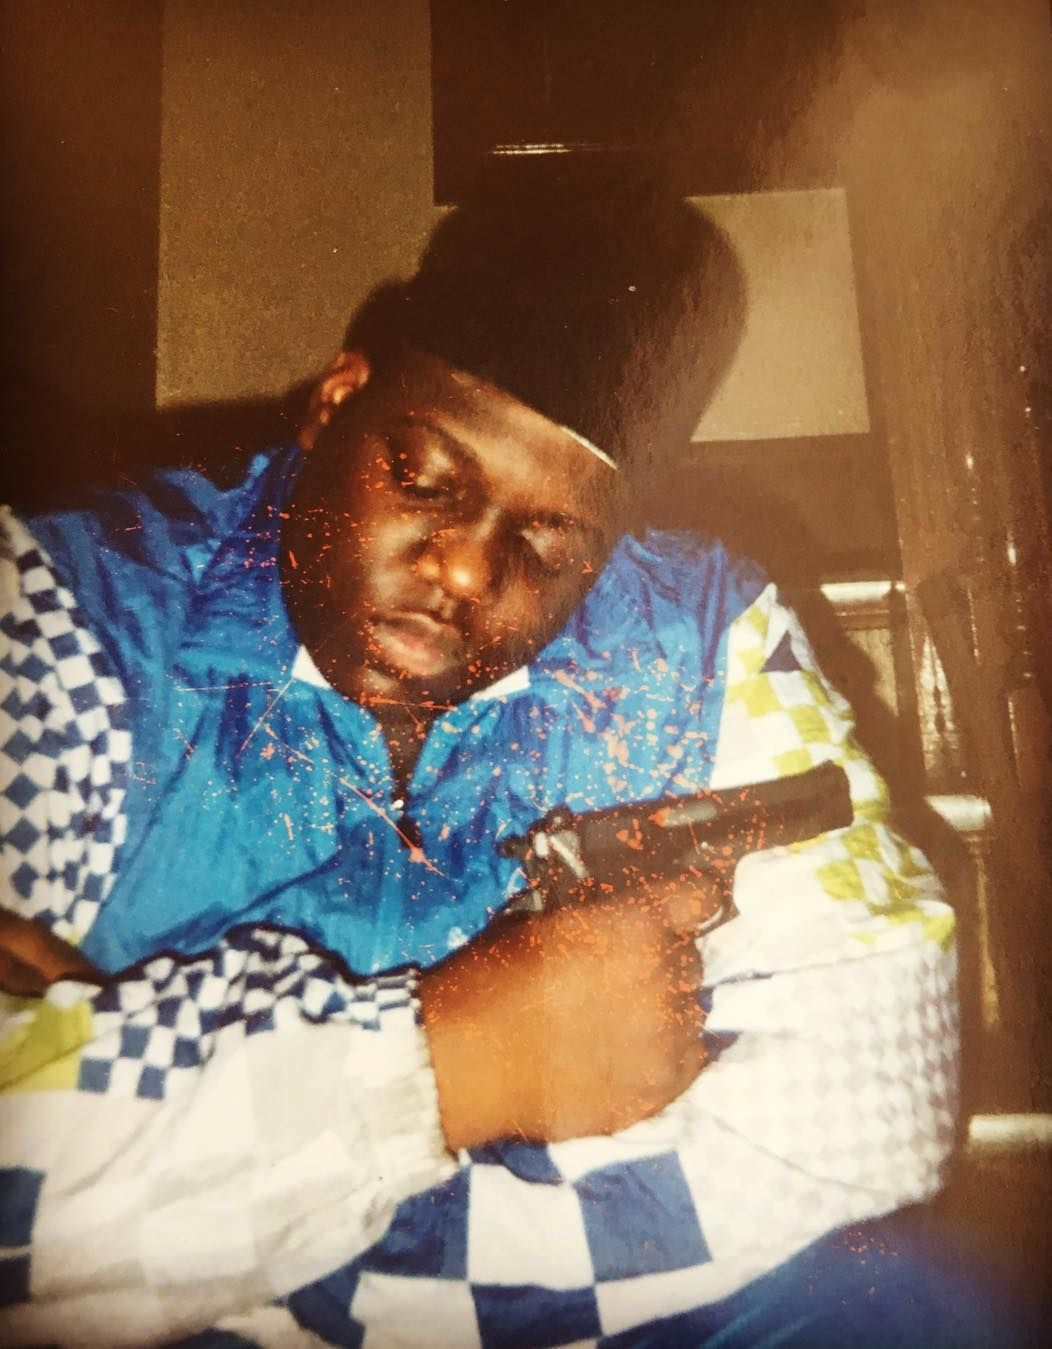 The Notorious B I G GANGSTA RAP HIP HOP Pinterest